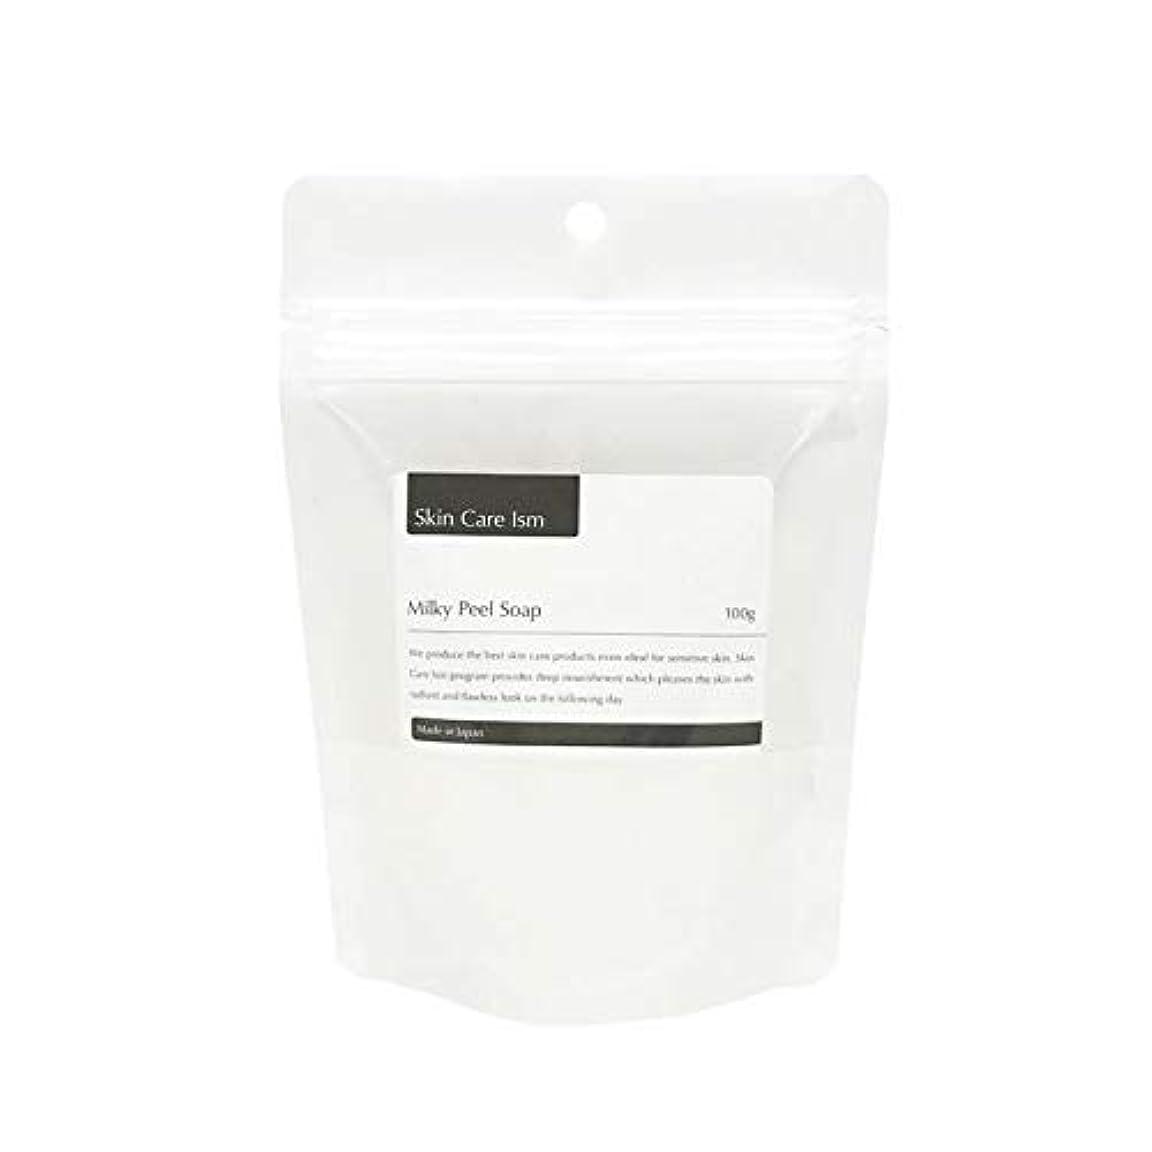 ジムましい六分儀【Skin Care Ism / Milky Peel Soap】スキンケアイズム?ミルキーピールソープ